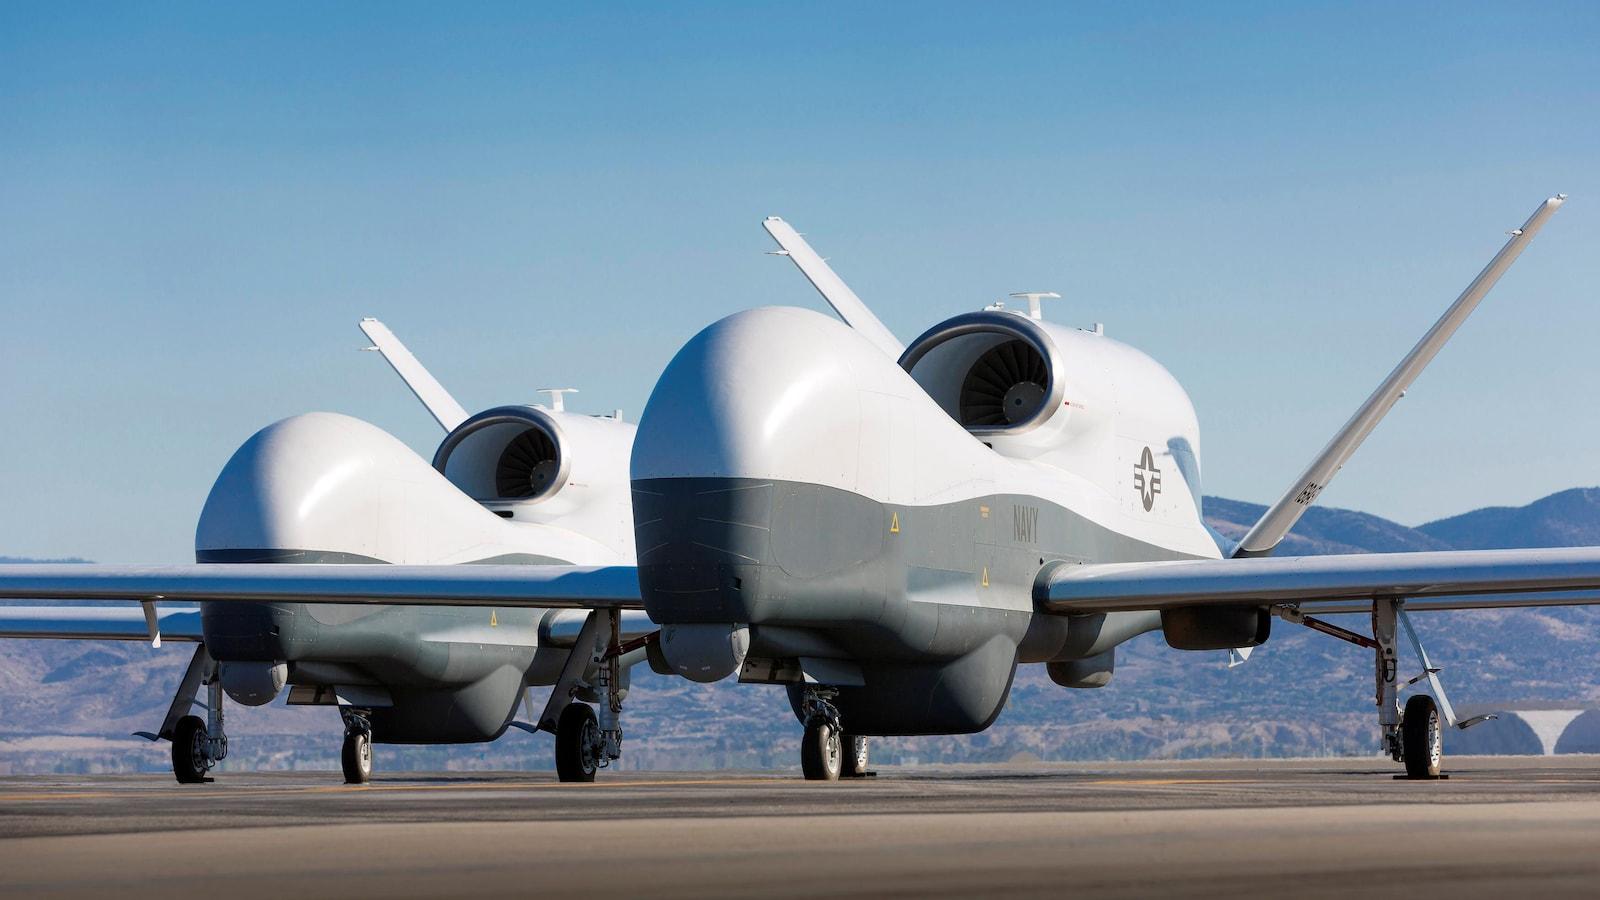 L'Iran dit avoir abattu un drone américain sur son territoire (TV)